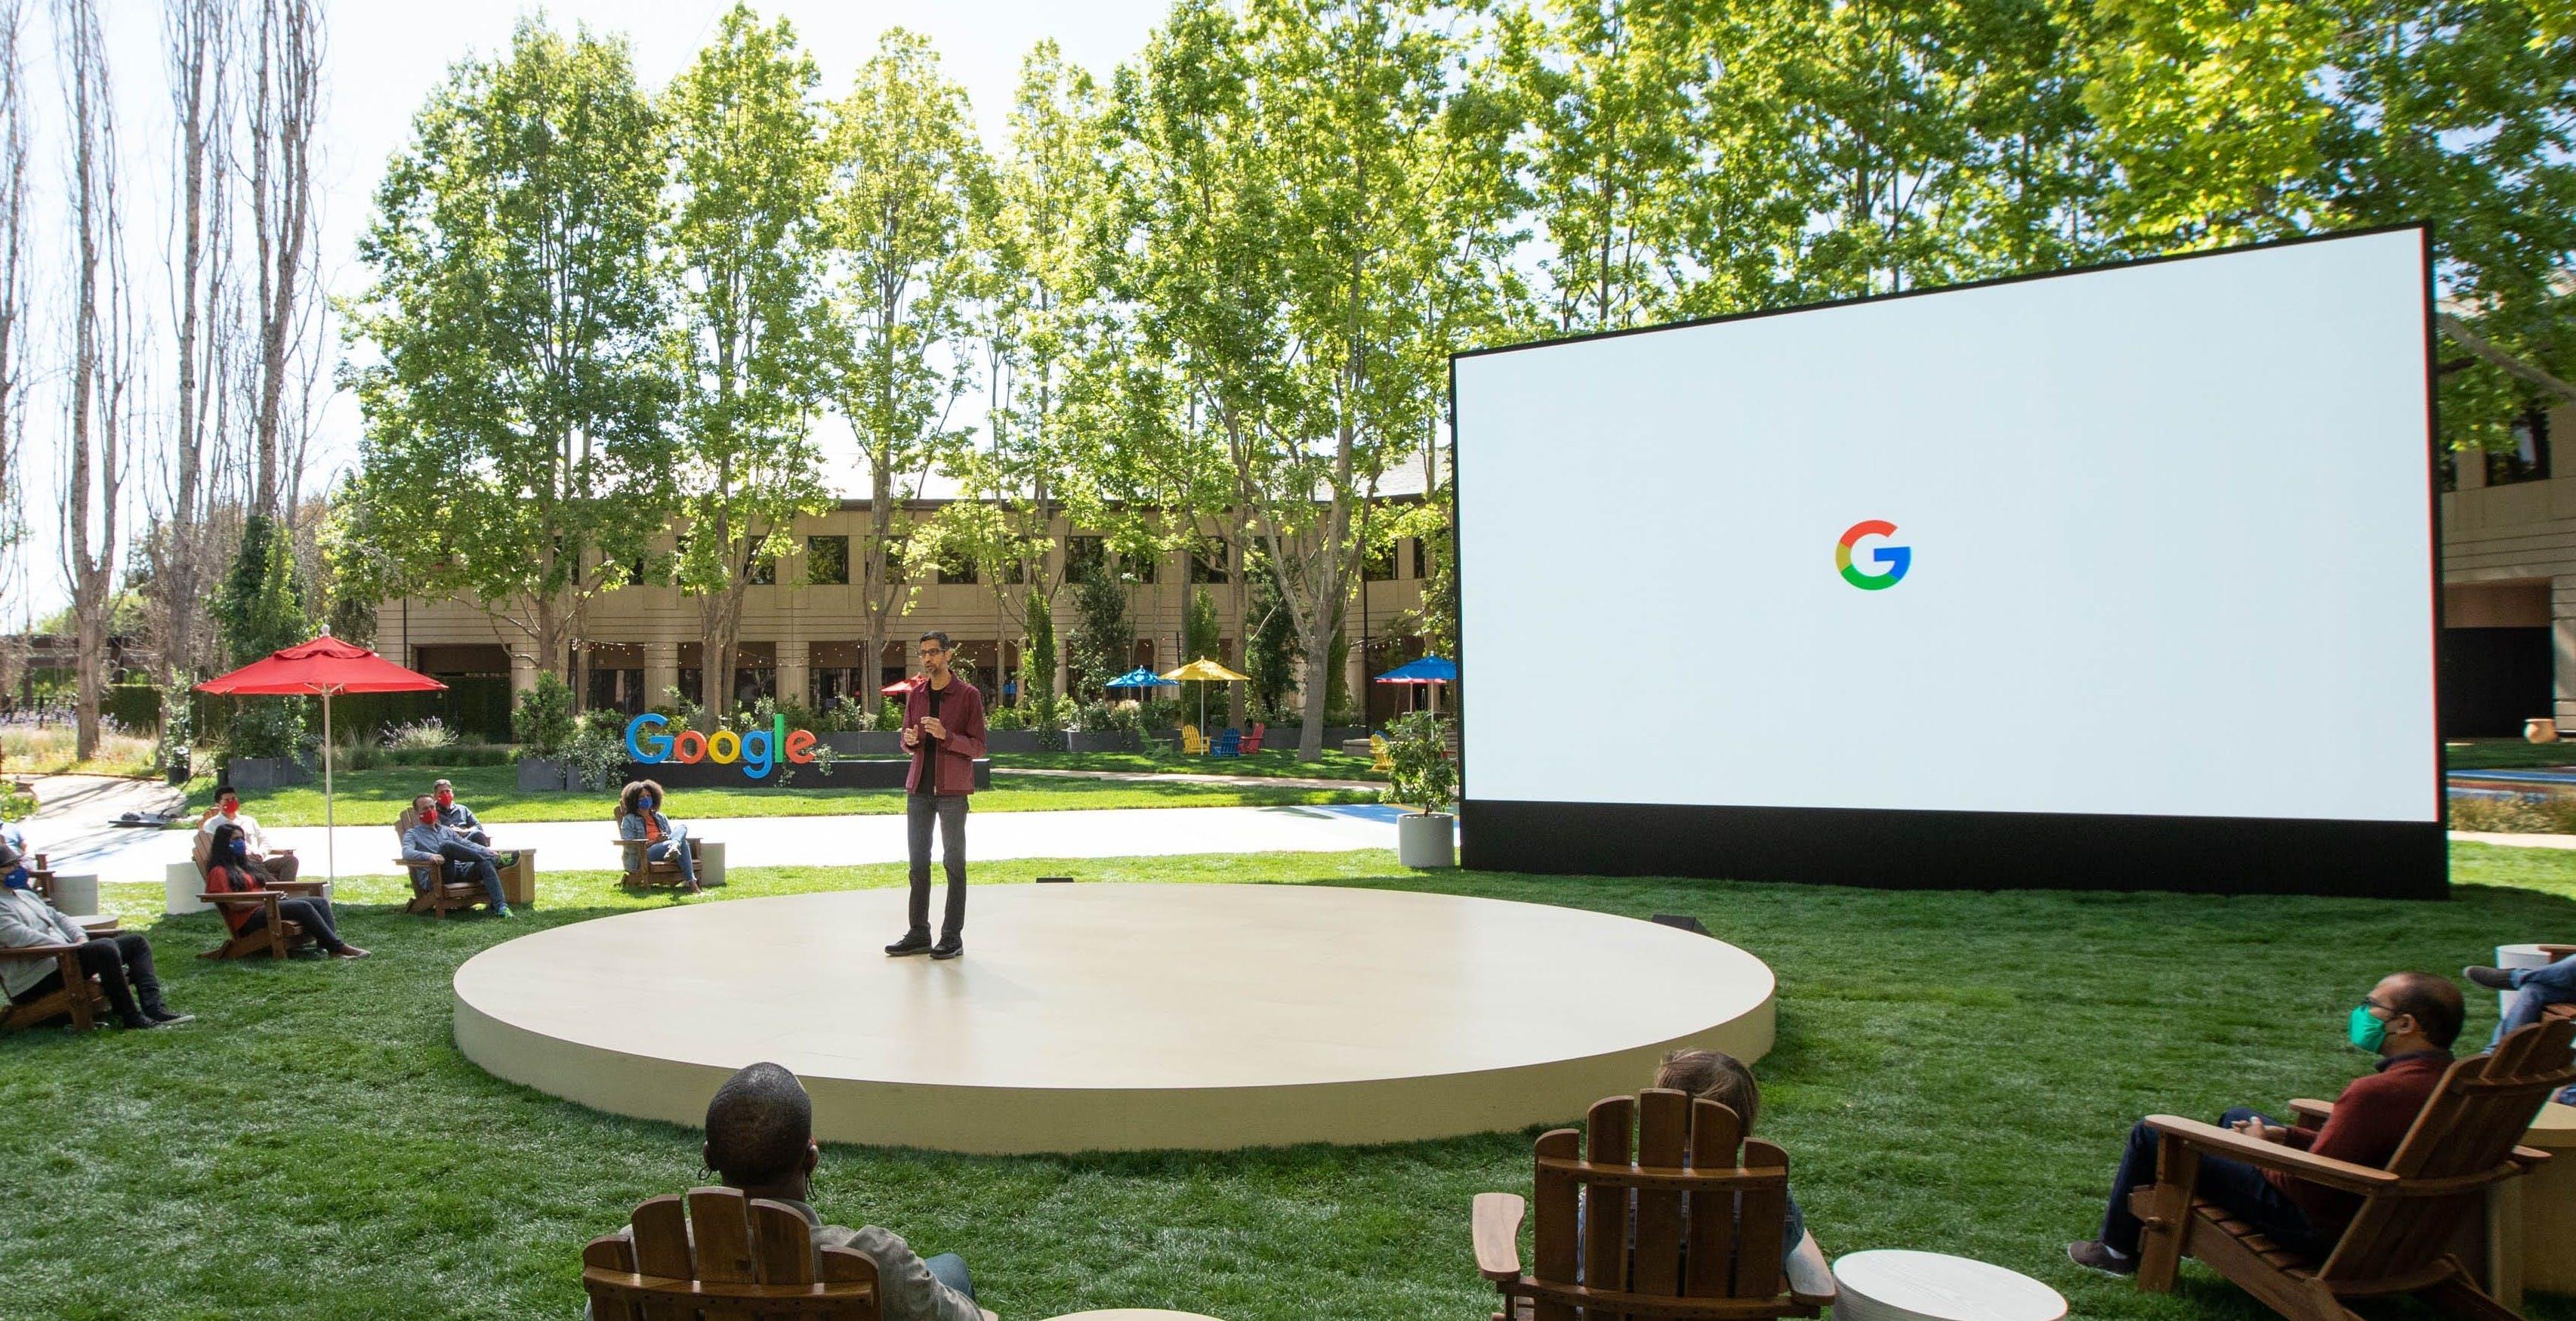 Maps, Lens, Foto e Shopping: così Google trasformerà i suoi servizi con l'Intelligenza Artificiale